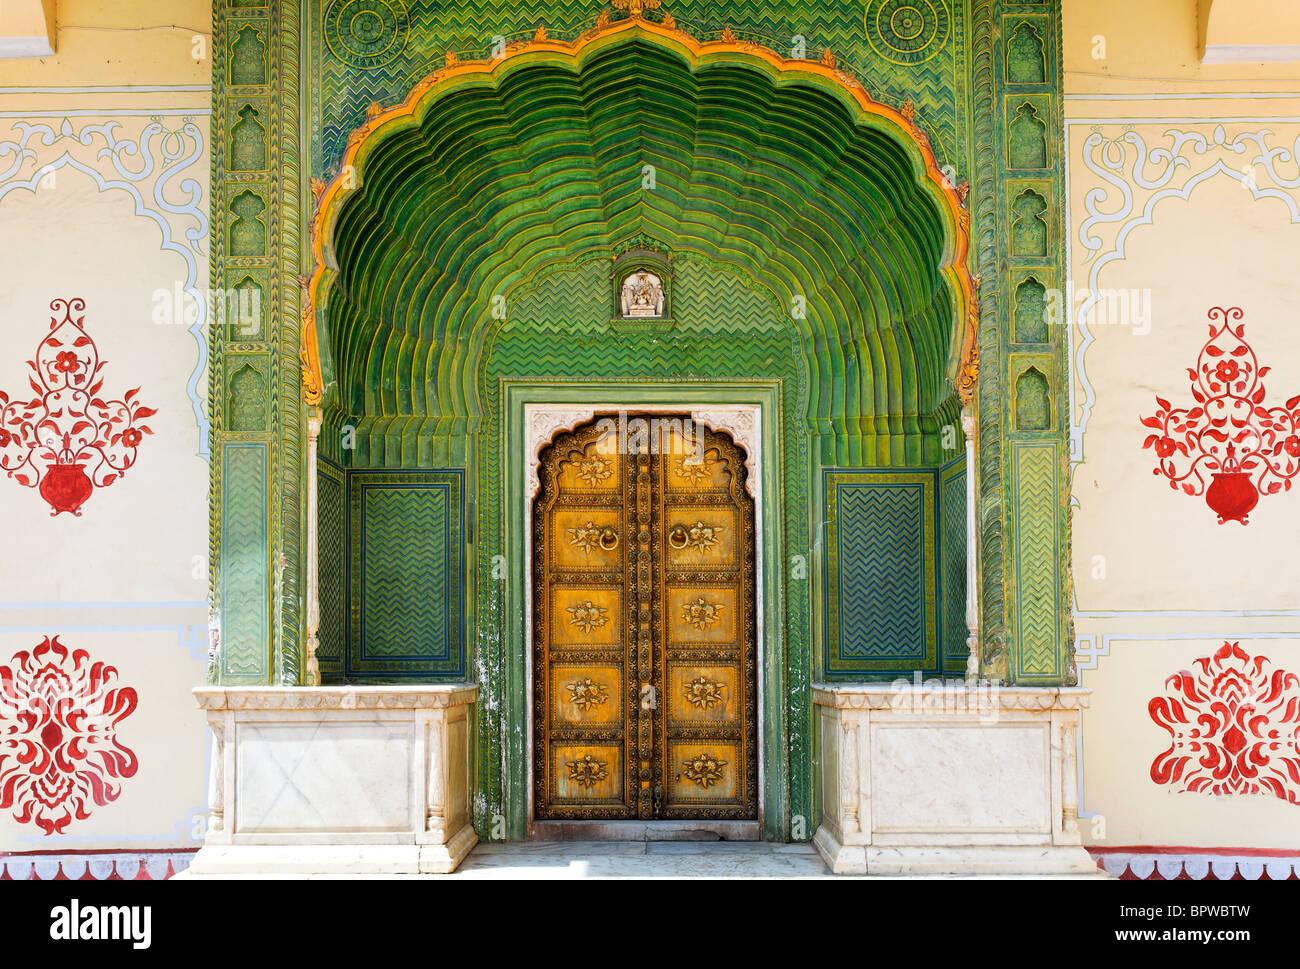 Porte ouvragée dans l'intérieur de la Cour du paon complexe City Palace, Jaipur, Rajasthan, Inde Photo Stock